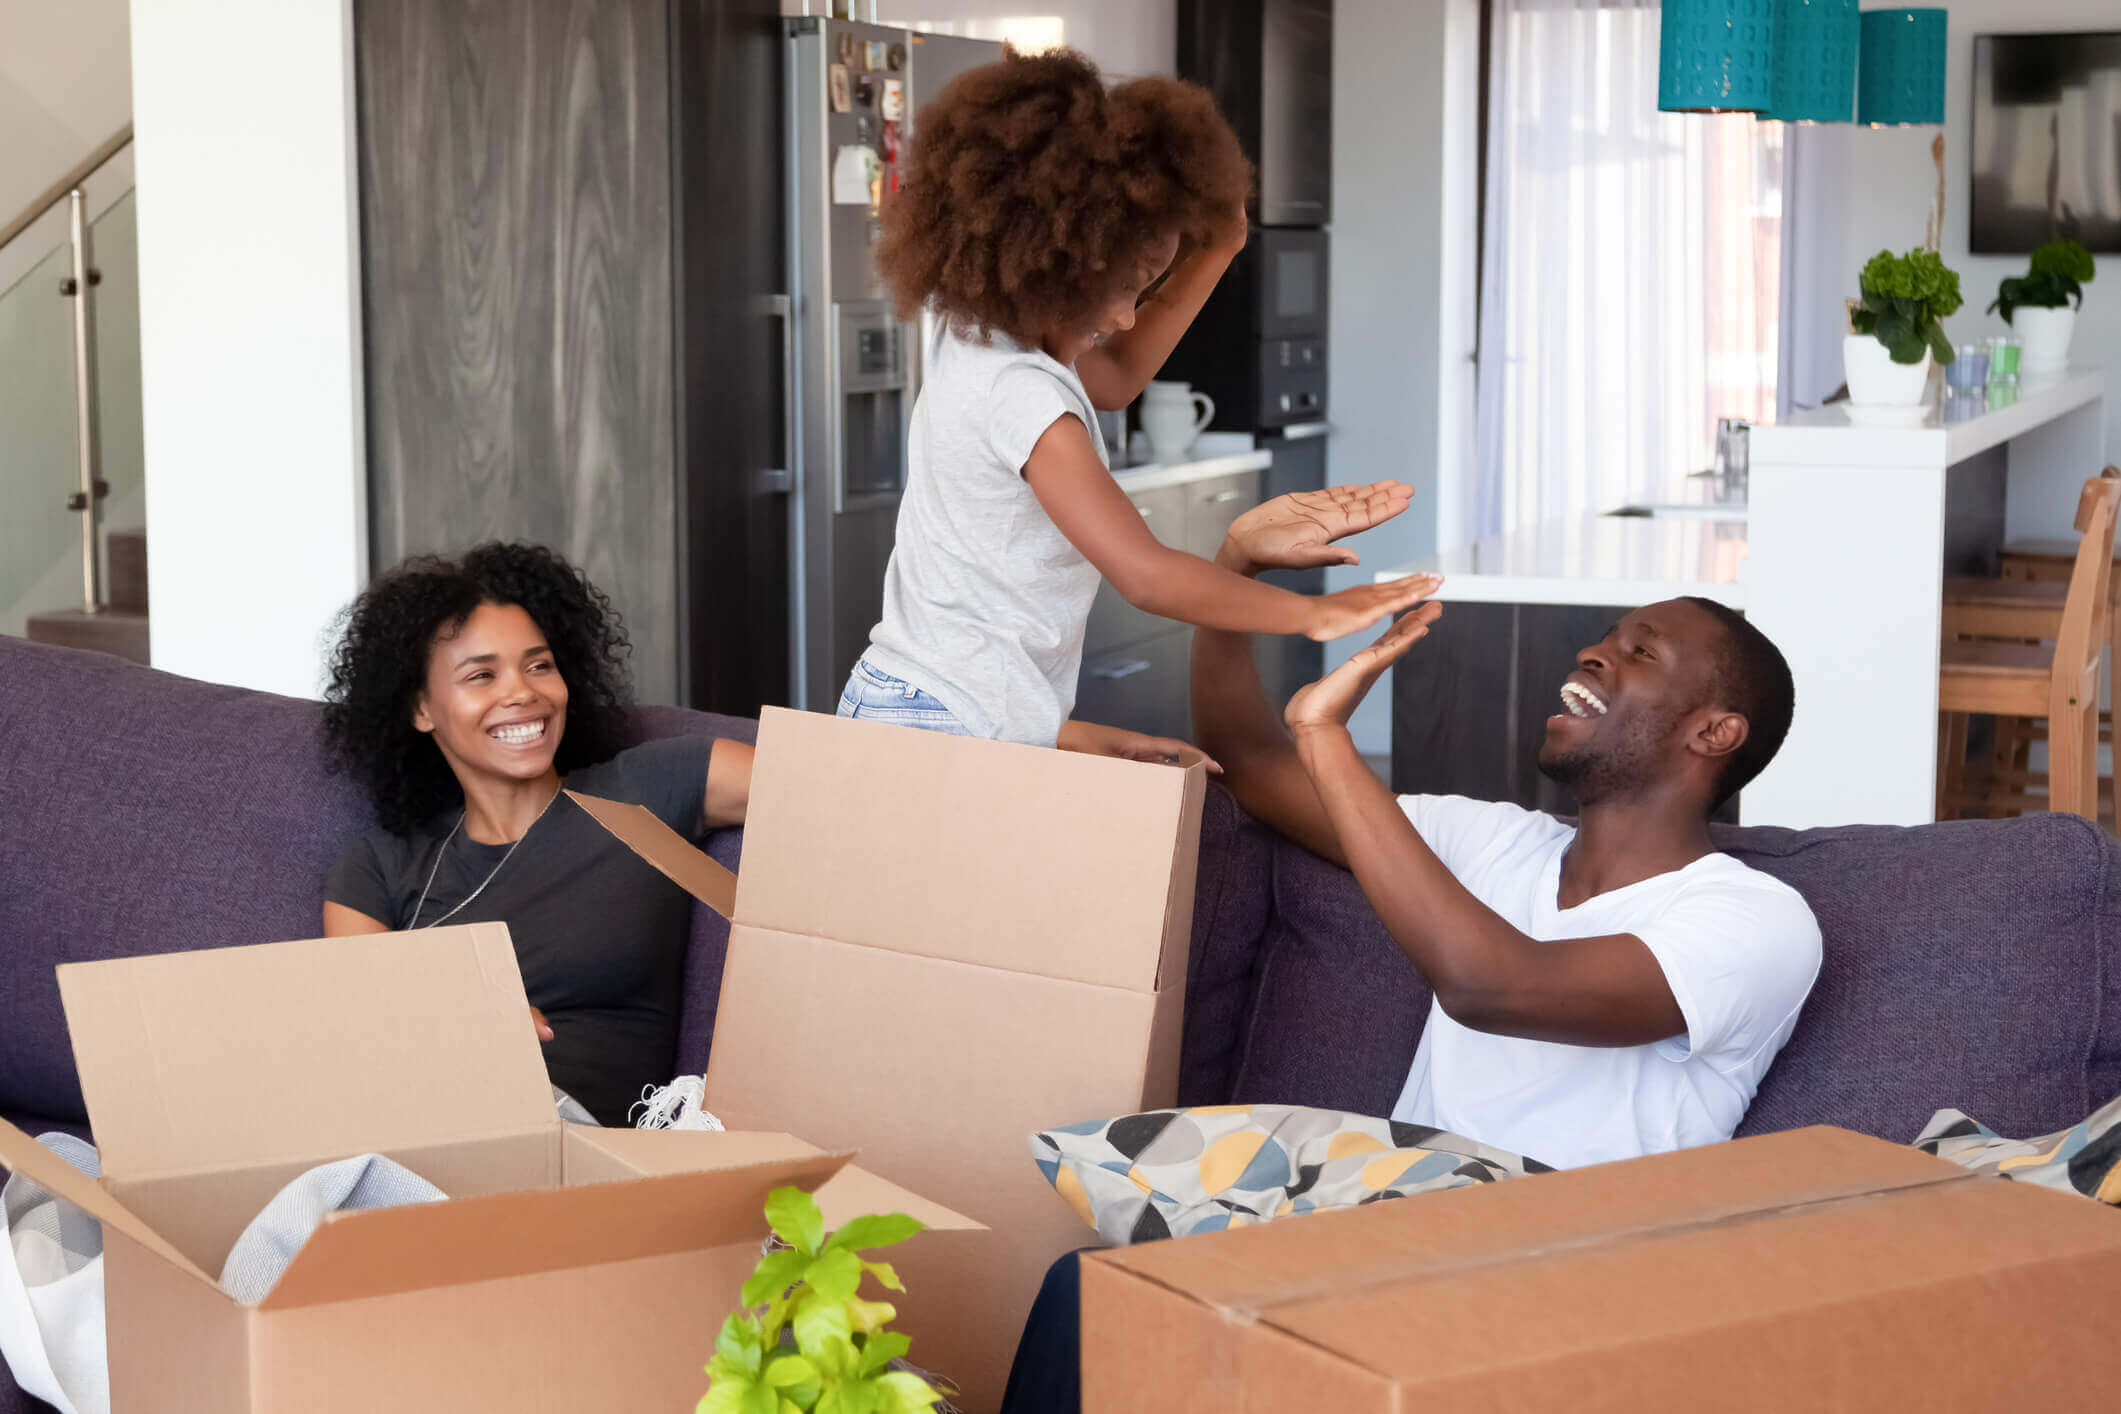 Família feliz reunida em sala com caixas de mudança   Blog da Tenda